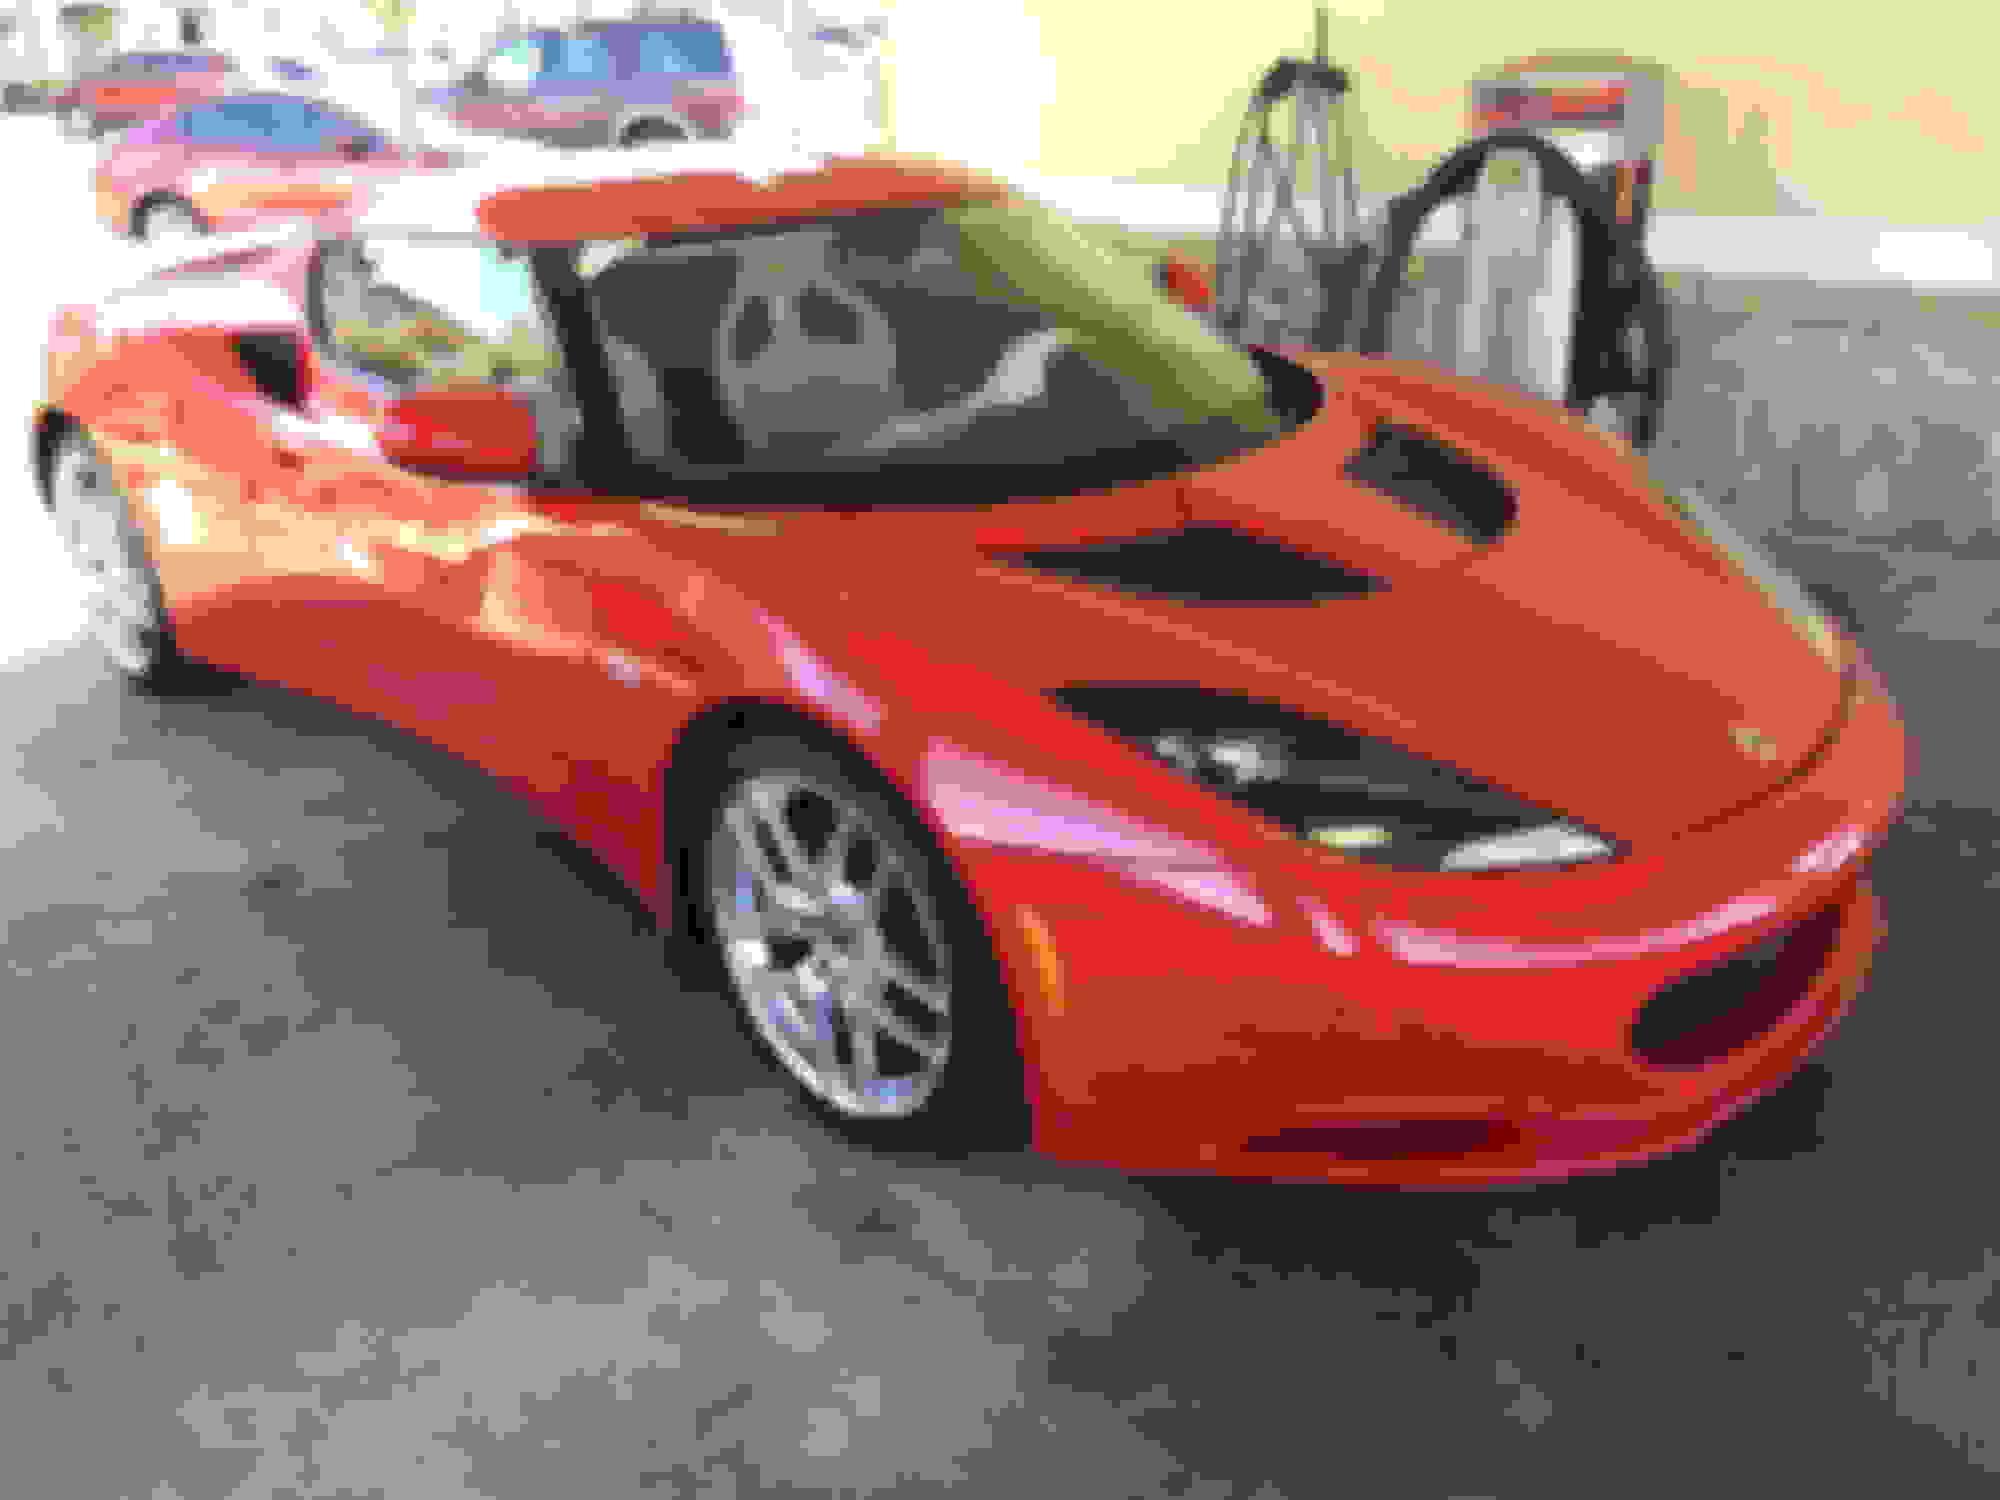 2010 Ardent Red Evora Dallas TX FS or FT - 6SpeedOnline